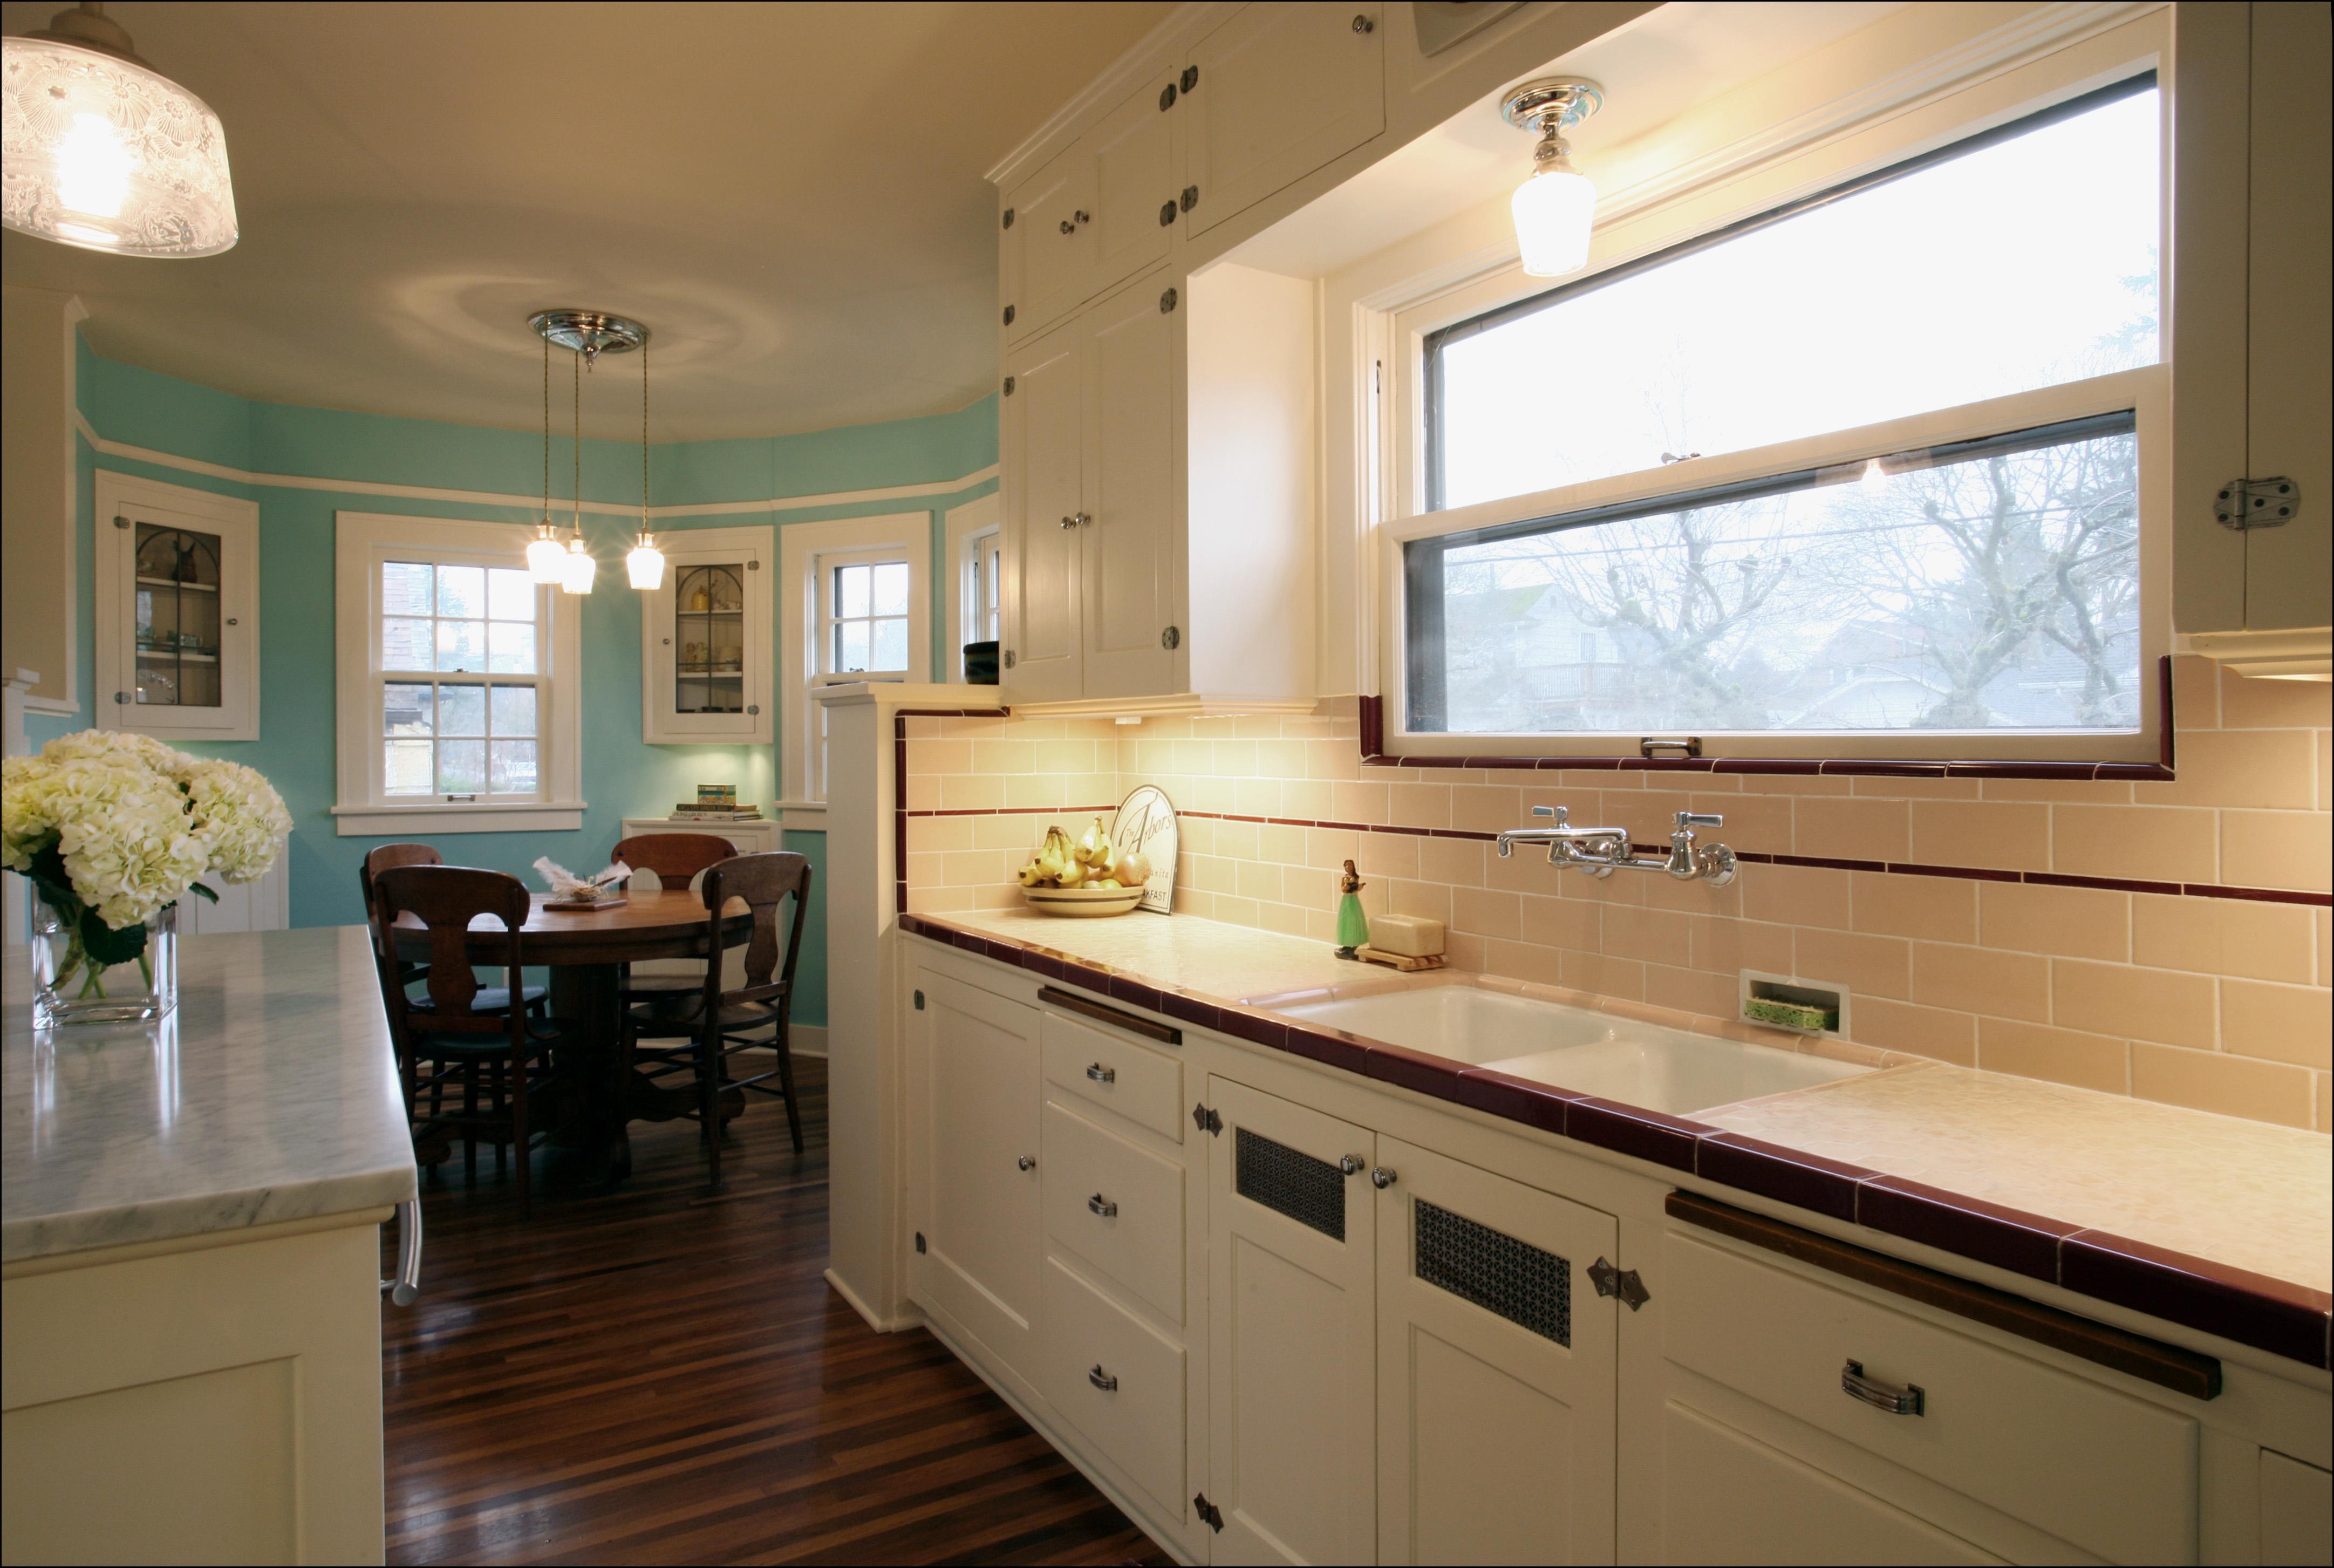 period perfect kitchen  1920 1930 kitchen design   inside arciform  rh   insidearciform com